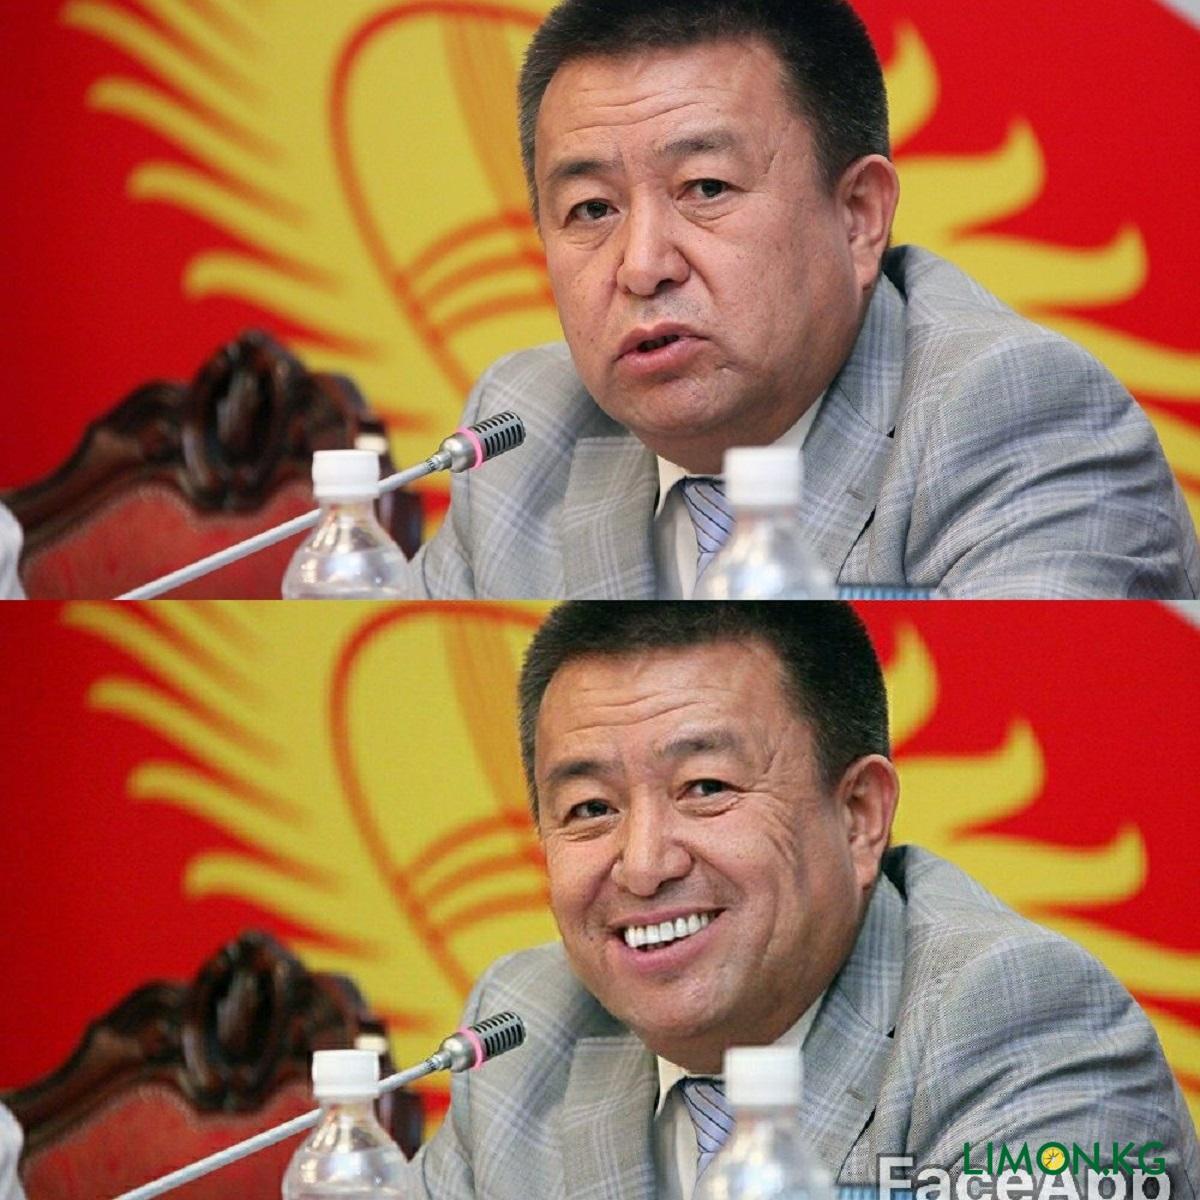 Чыныбай Турсунбеков, депутат Жогорку Кенеша (СДПК)